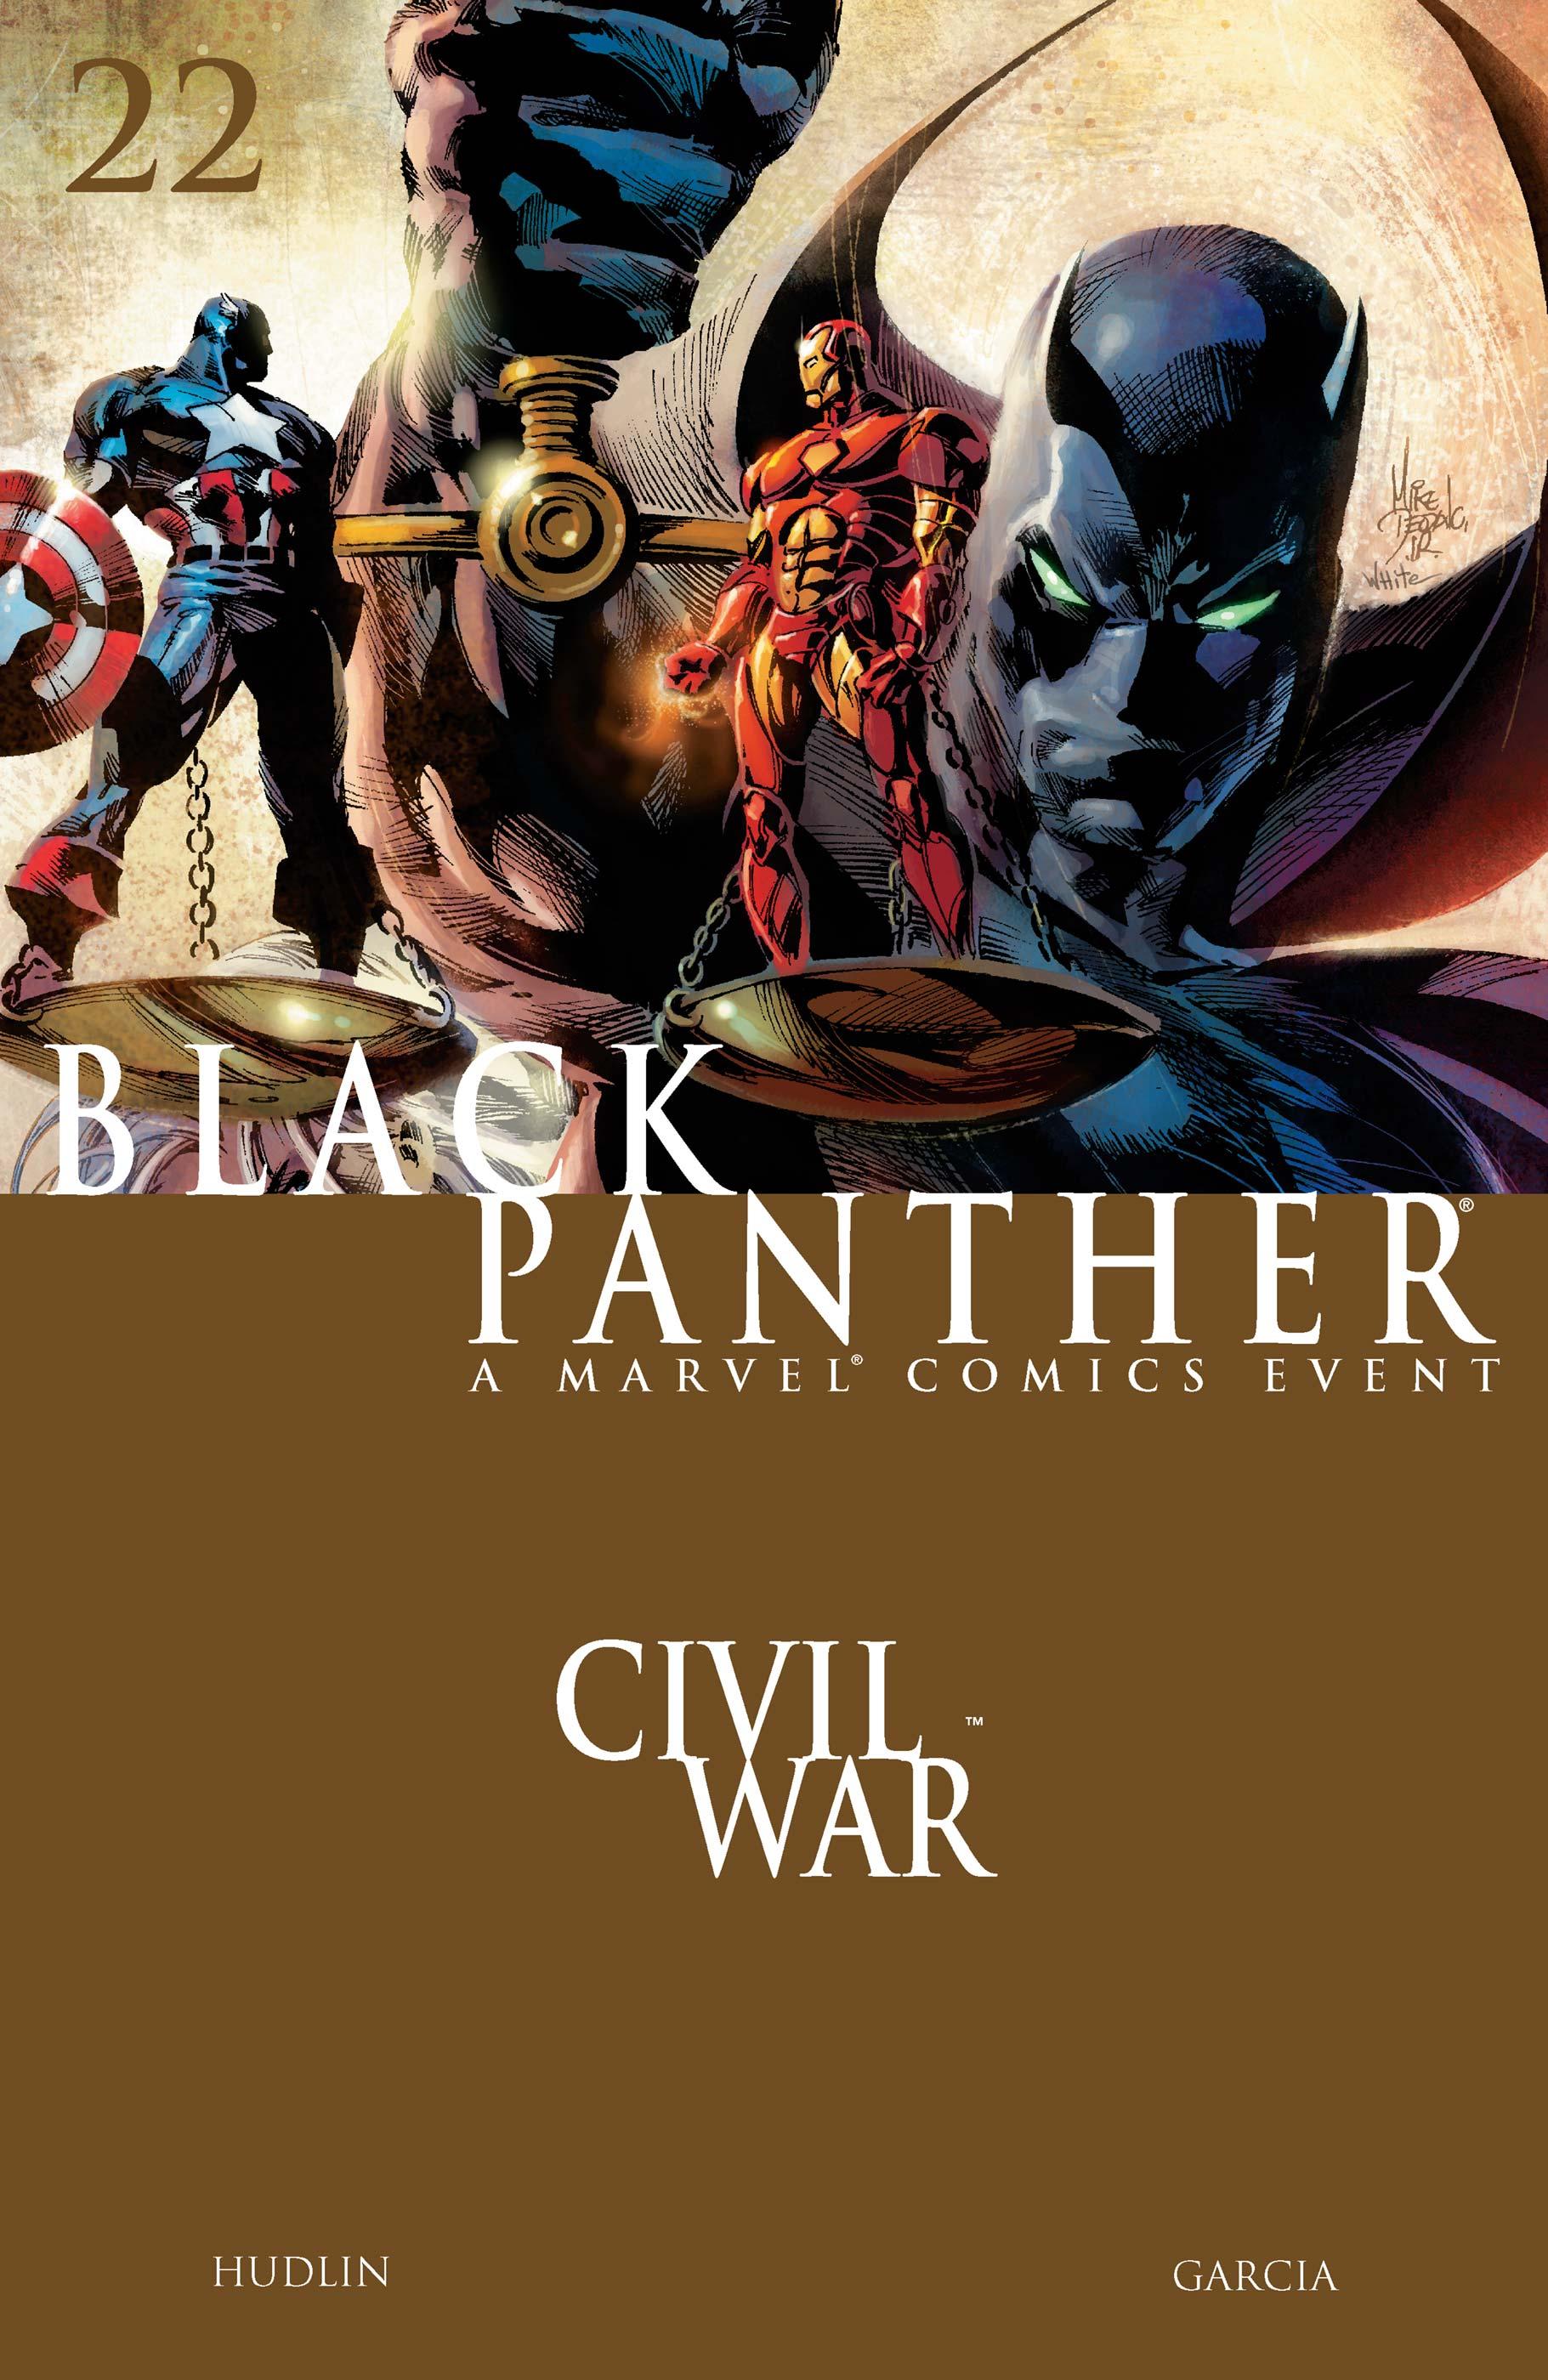 Black Panther (2005) #22